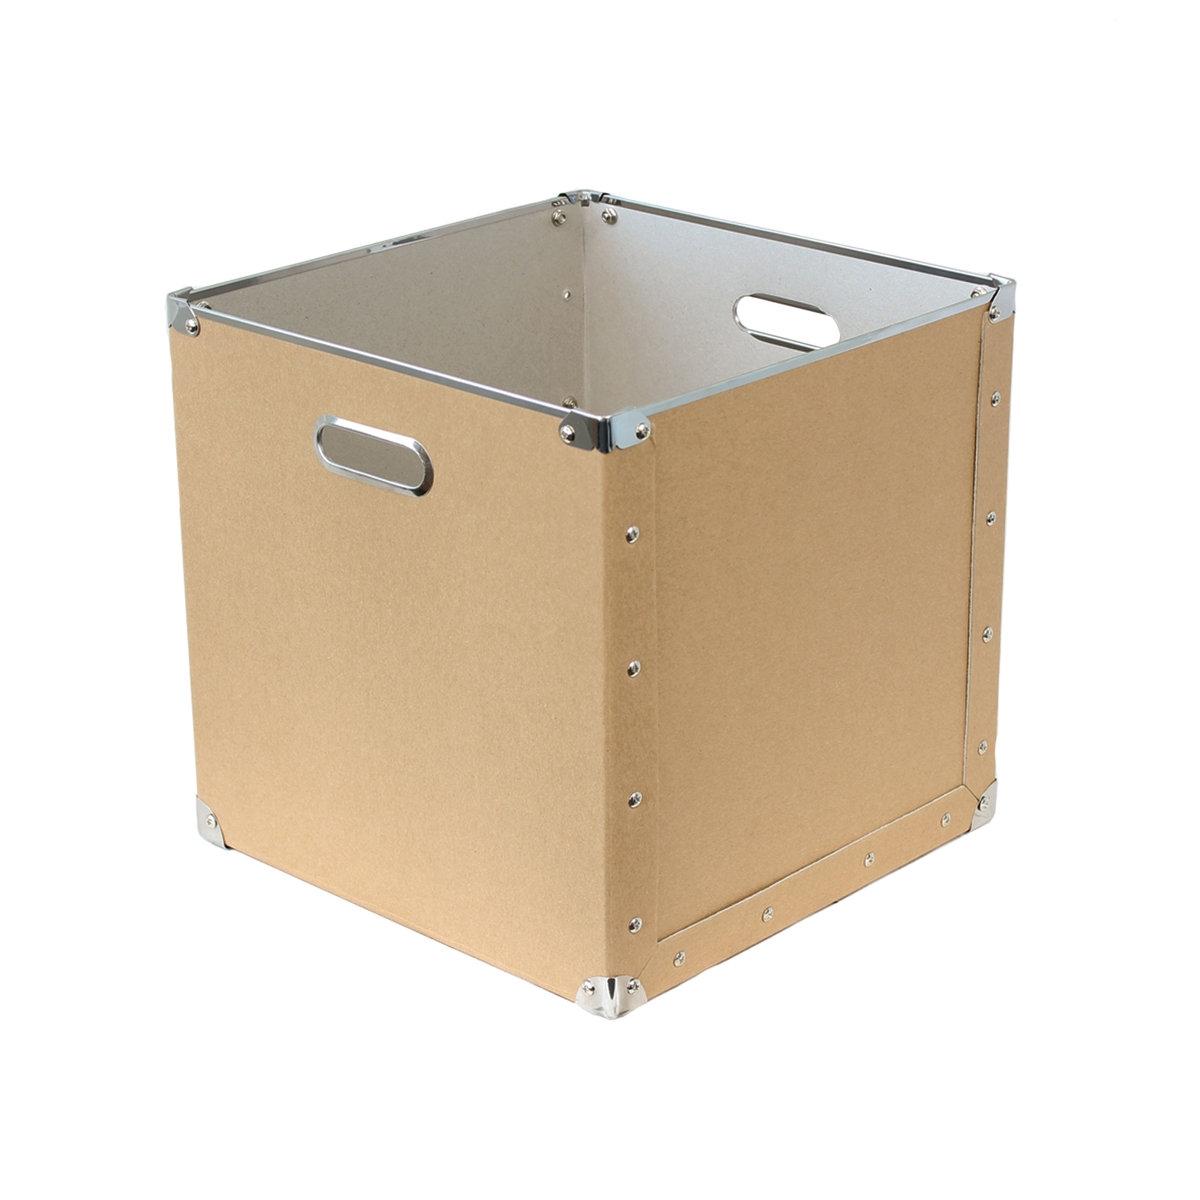 Короб для хранения вещей Clever бокс для хранения вещей kiss the plastic industry